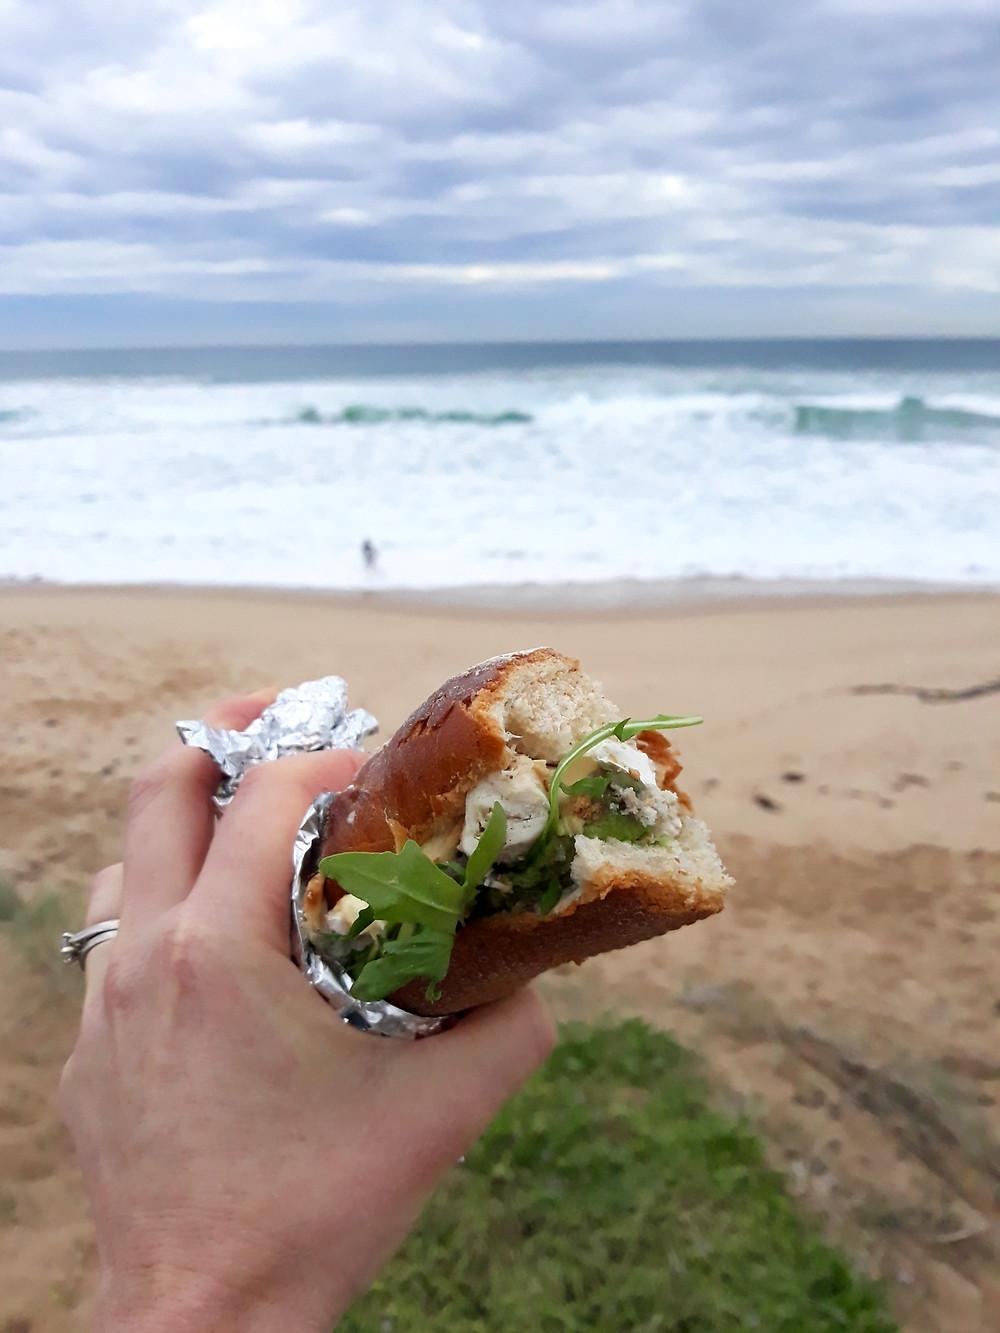 Watching surfers enjoying a sourdough baguette!